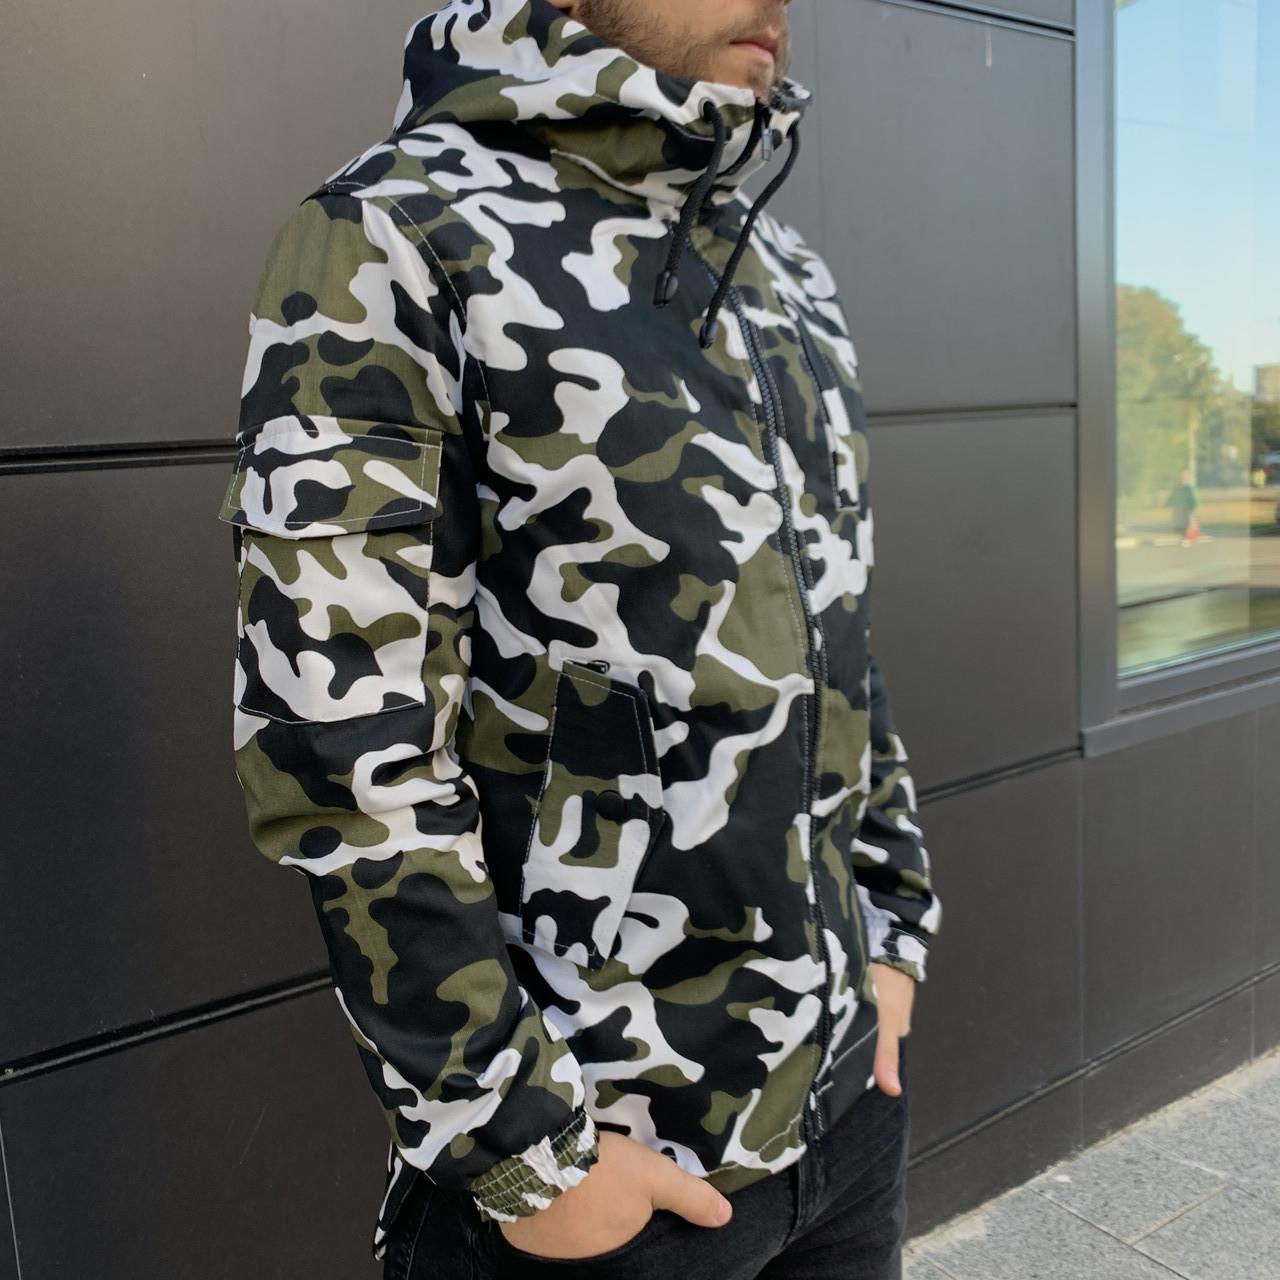 Куртка демисезонная Off White military , Камуфляж, Штормовка, РАСПРОДАЖА Размеры С и М